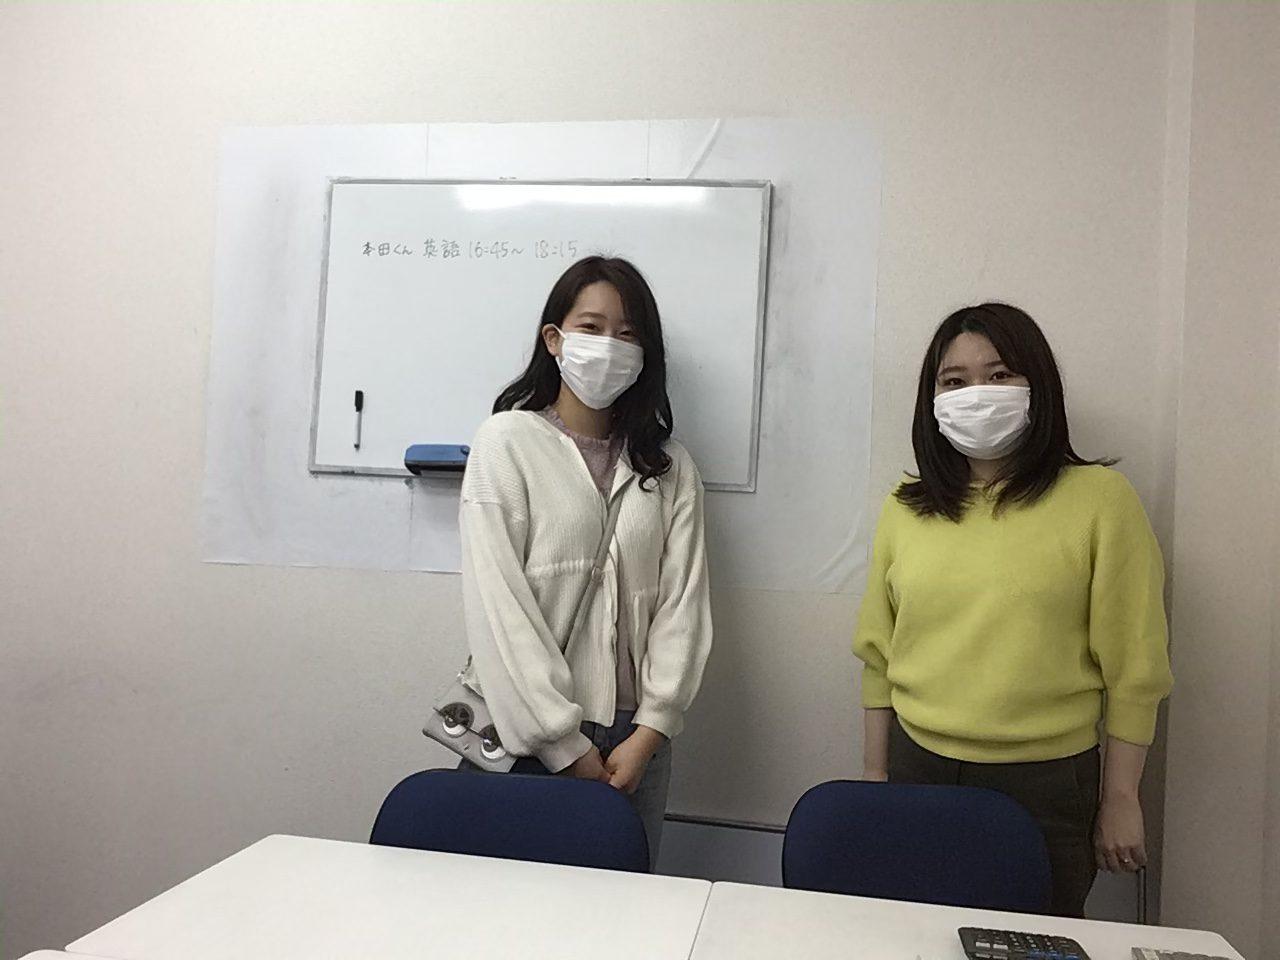 武庫川女子大学 建築学部 建築科(甲南女子大学) 合格おめでとうございます。